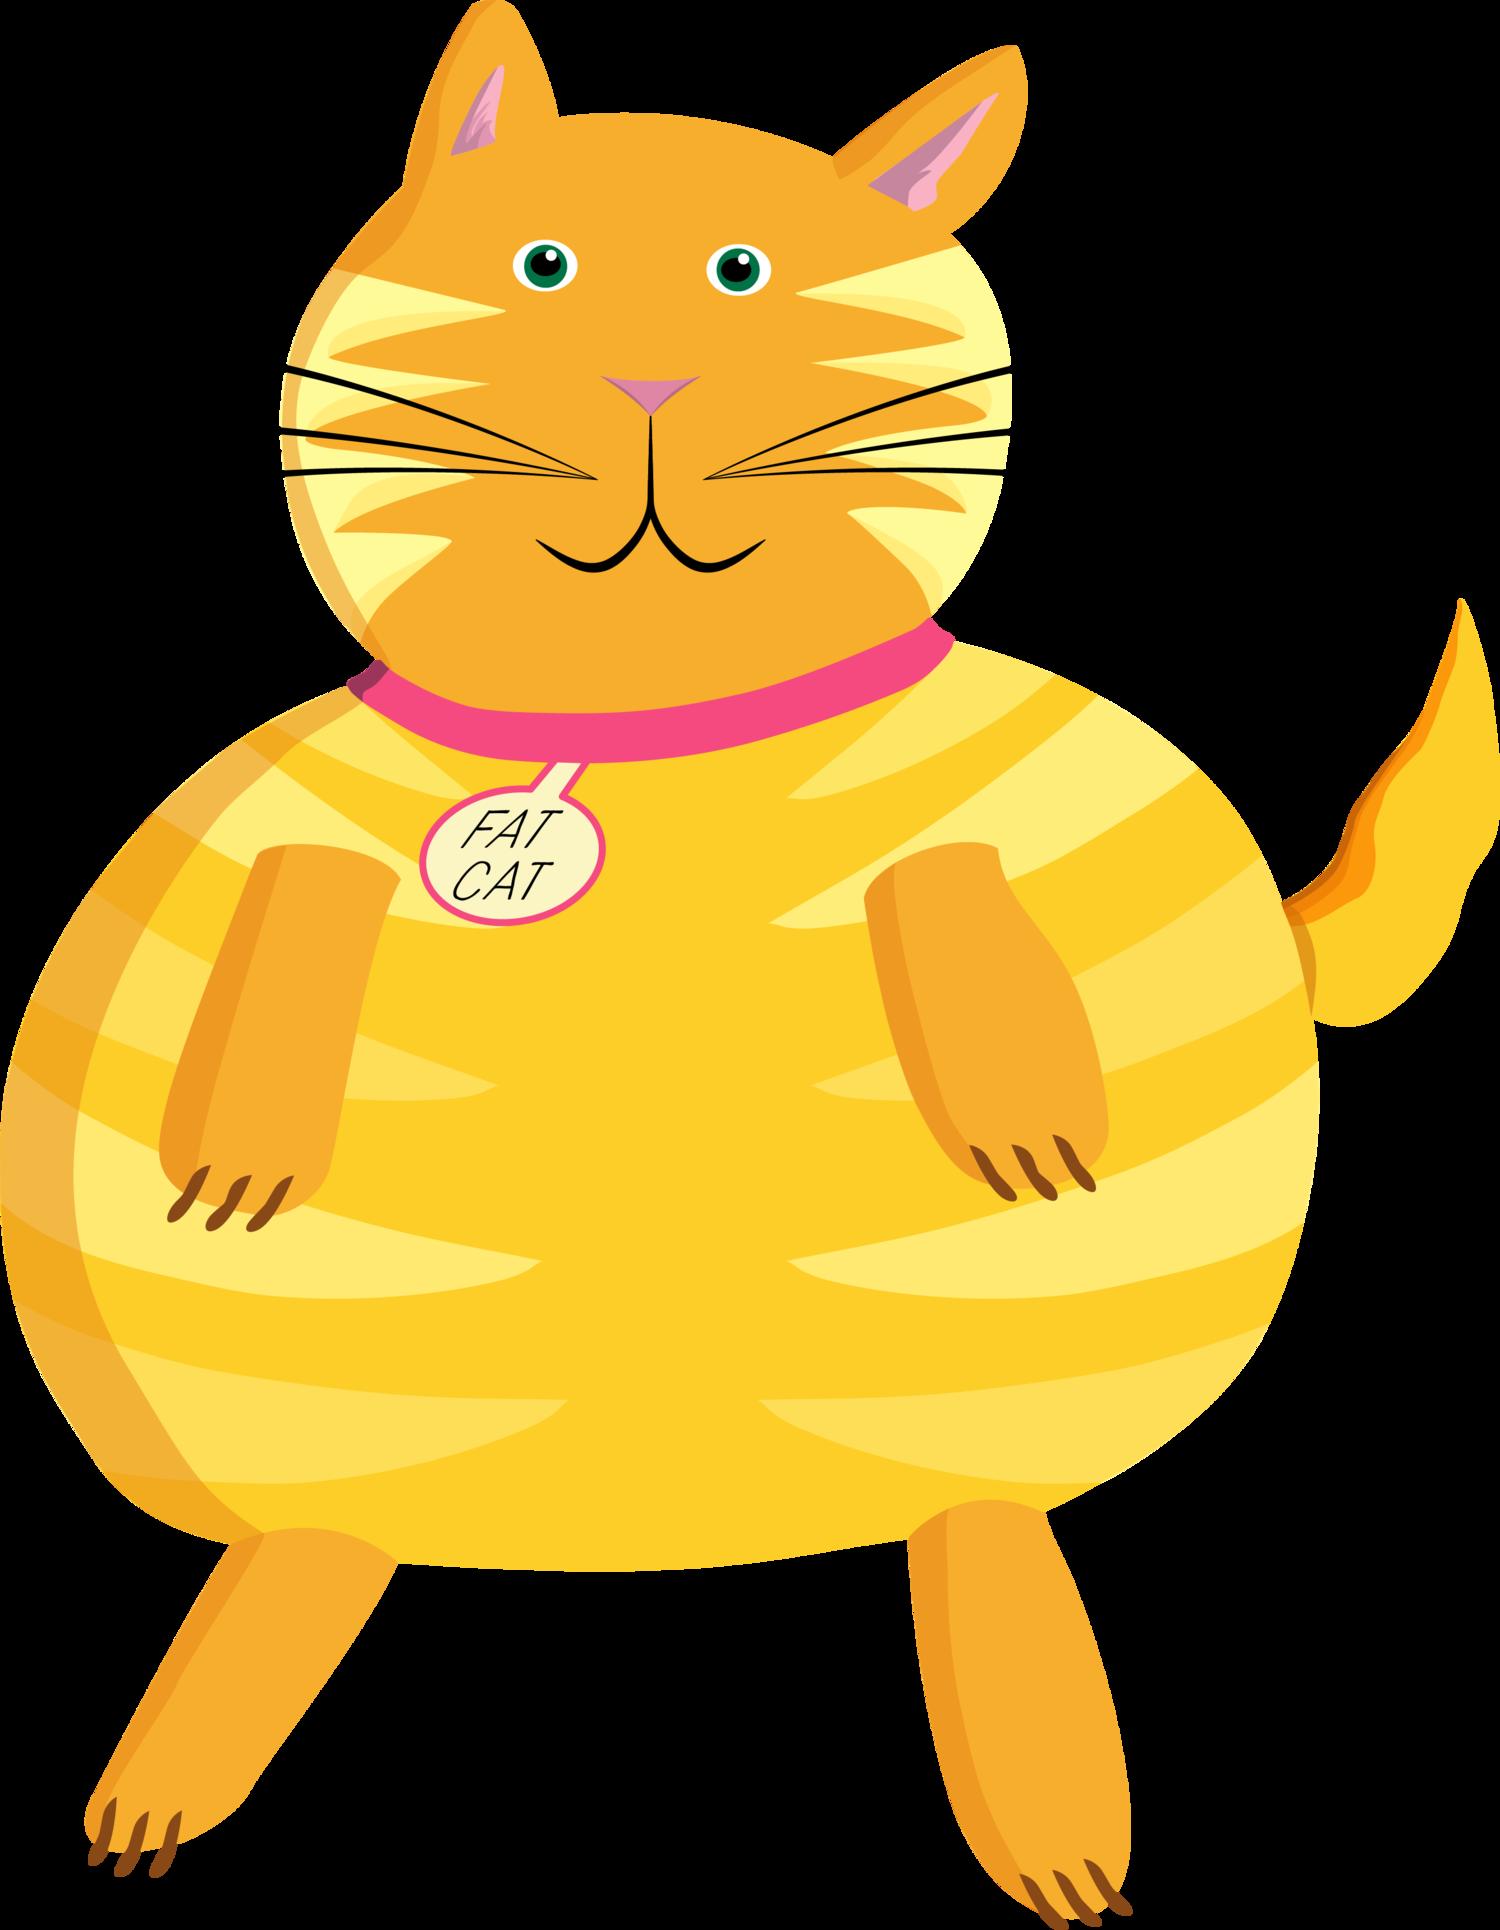 Fat cat backgrounds desktop. Kitty clipart run